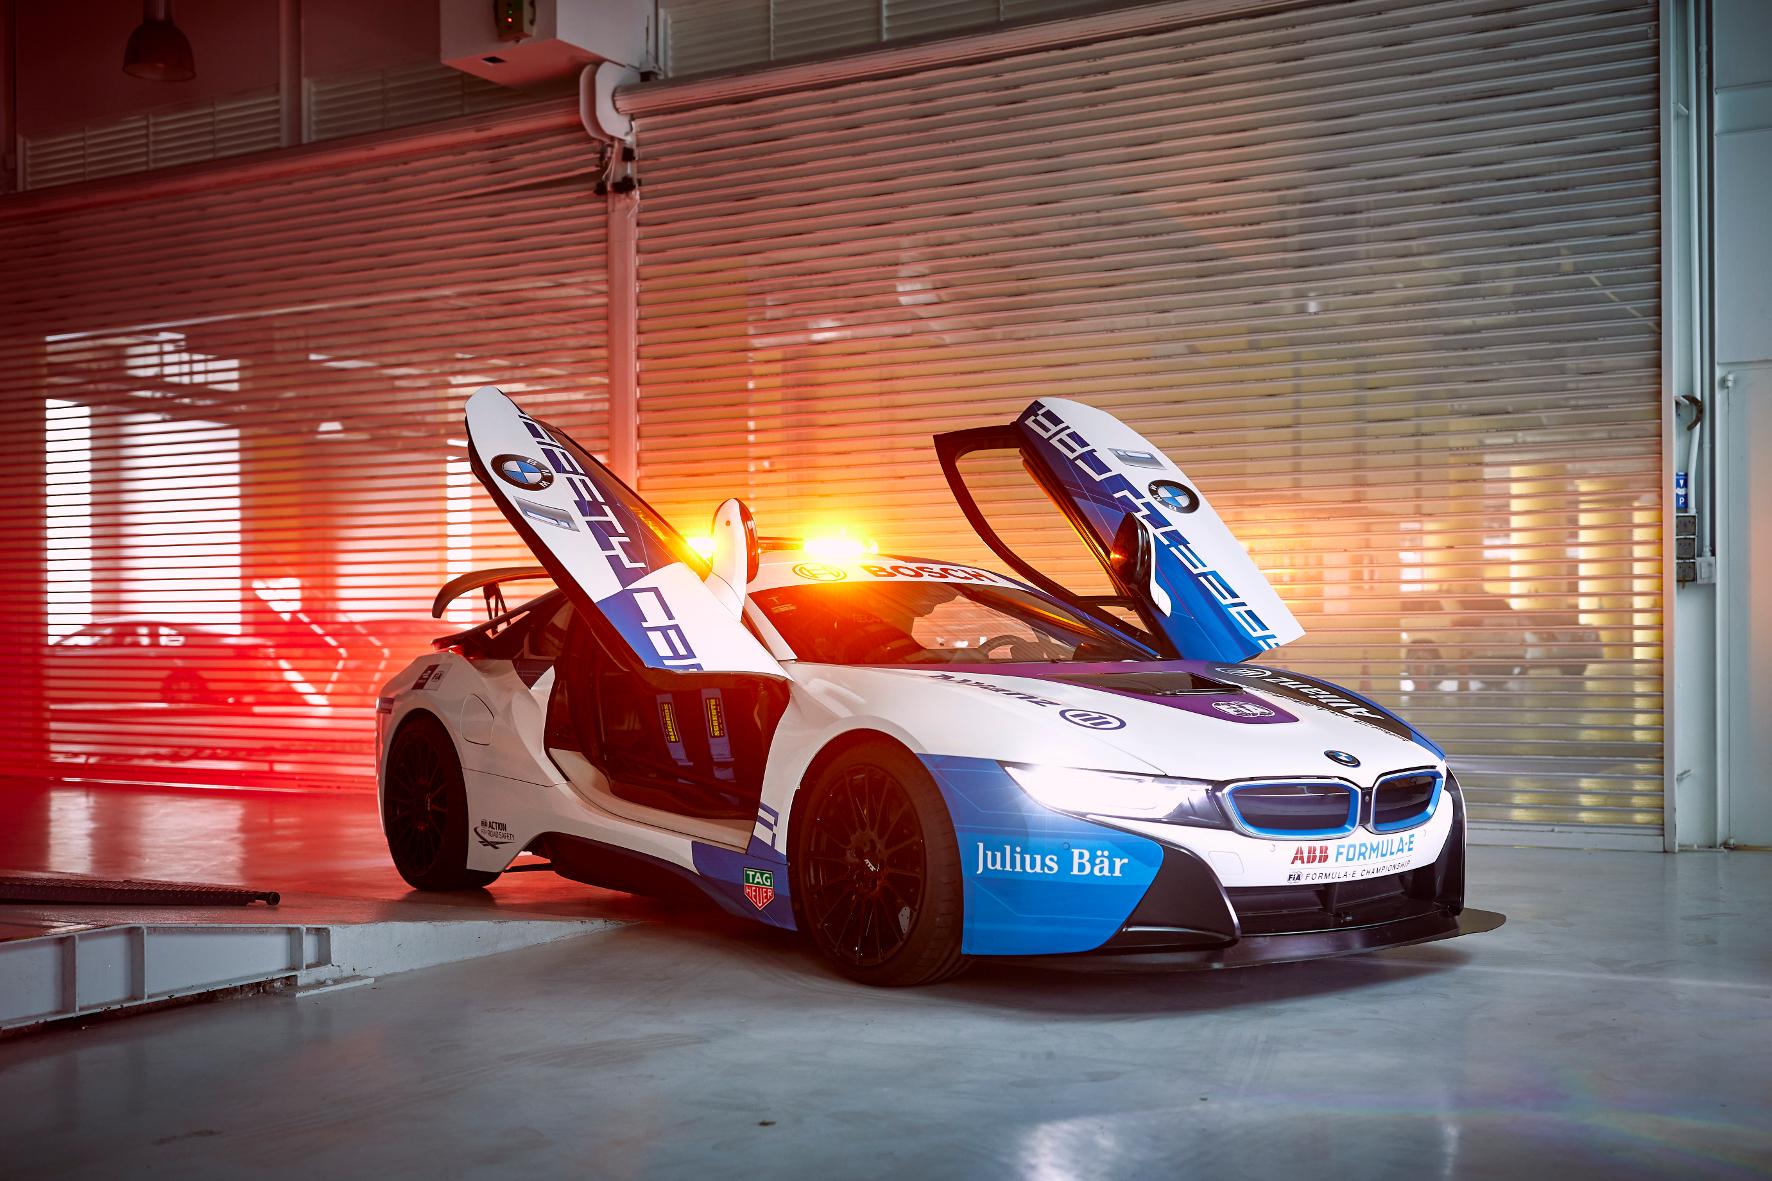 mid Groß-Gerau - Das Safety Car spielt im Motorsport eine wichtige Rolle. In der Formel E kommt ein BMW i8 zum Sicherheits-Einsatz. BMW